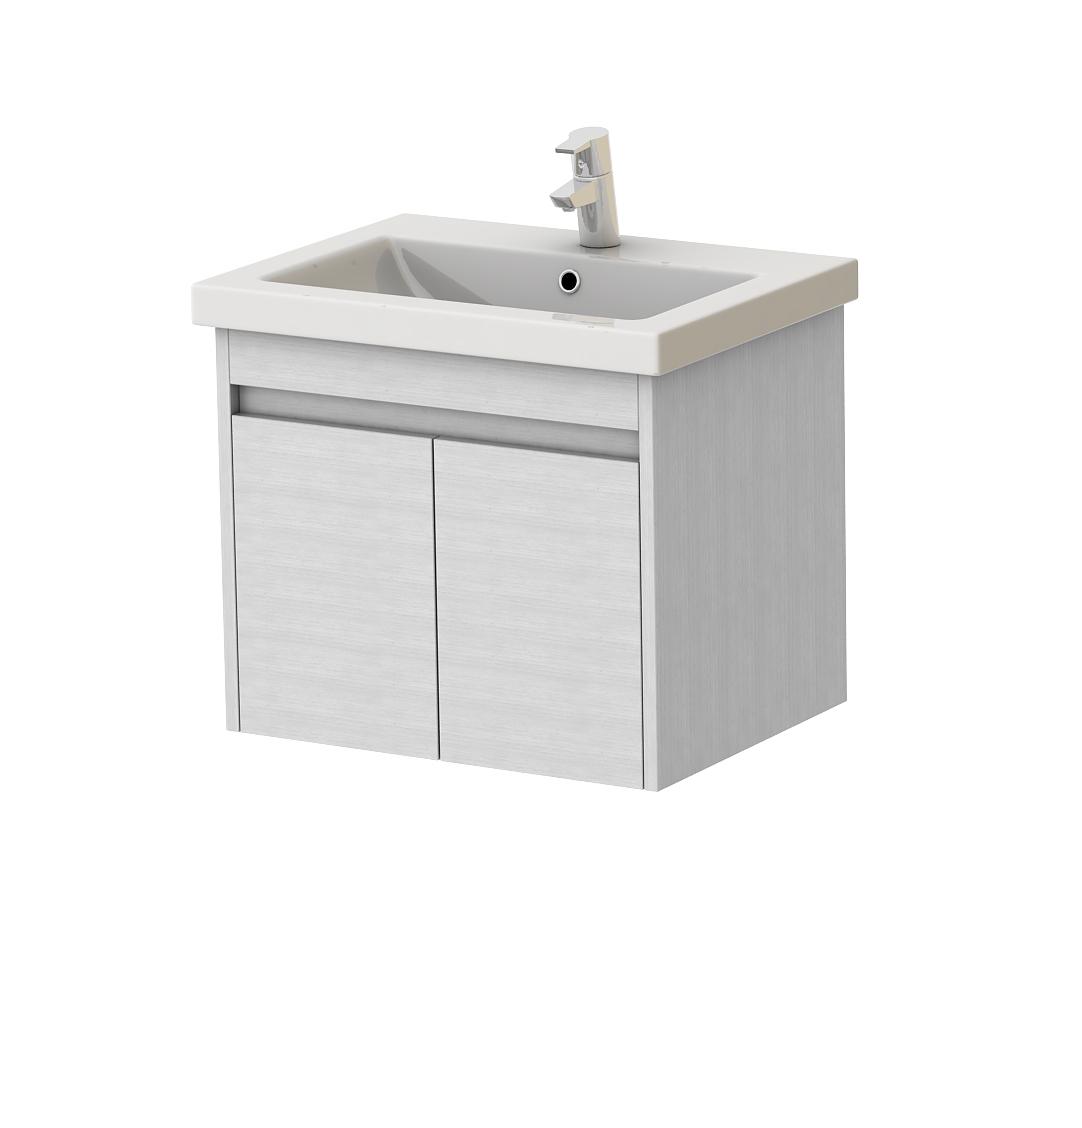 Kúpeľňová skrinka na stenu s umývadlom - Juventa - Ravenna - Rv-60 (biela). Sme autorizovaný predajca Juventa. Vlastná spoľahlivá doprava až k Vám domov.